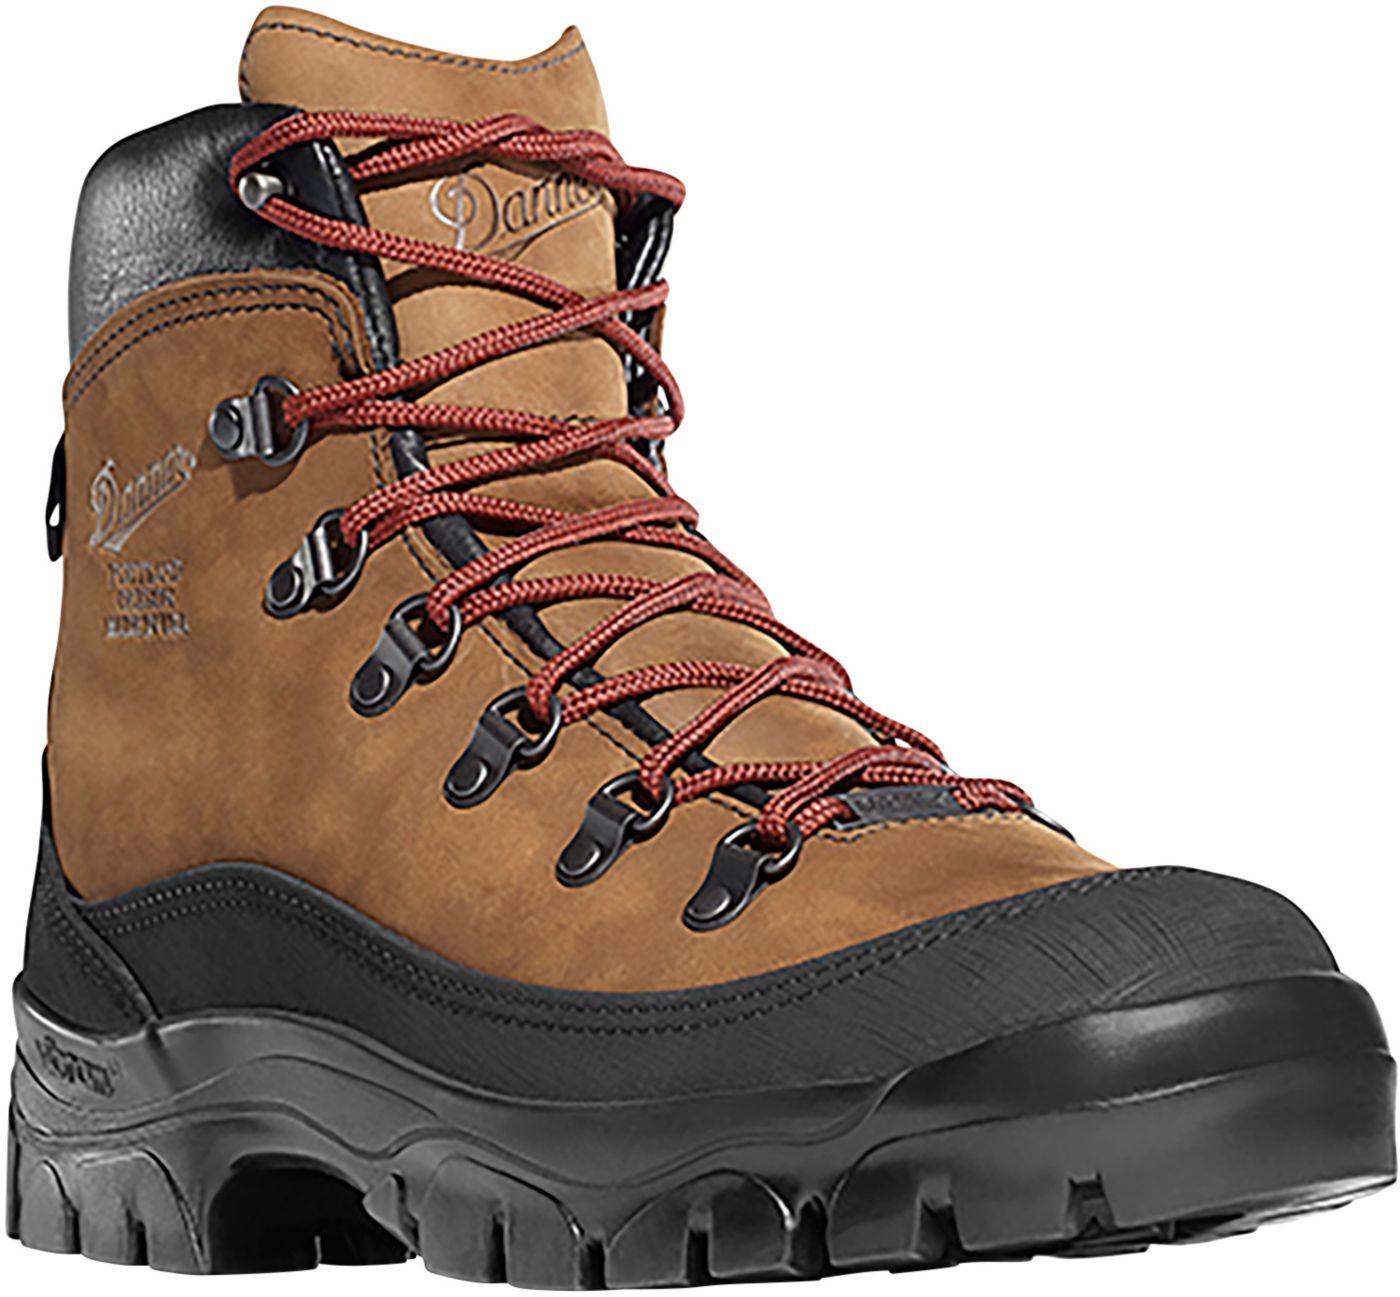 Danner Men's Crater Rim 6'' Waterproof Hiking Boots